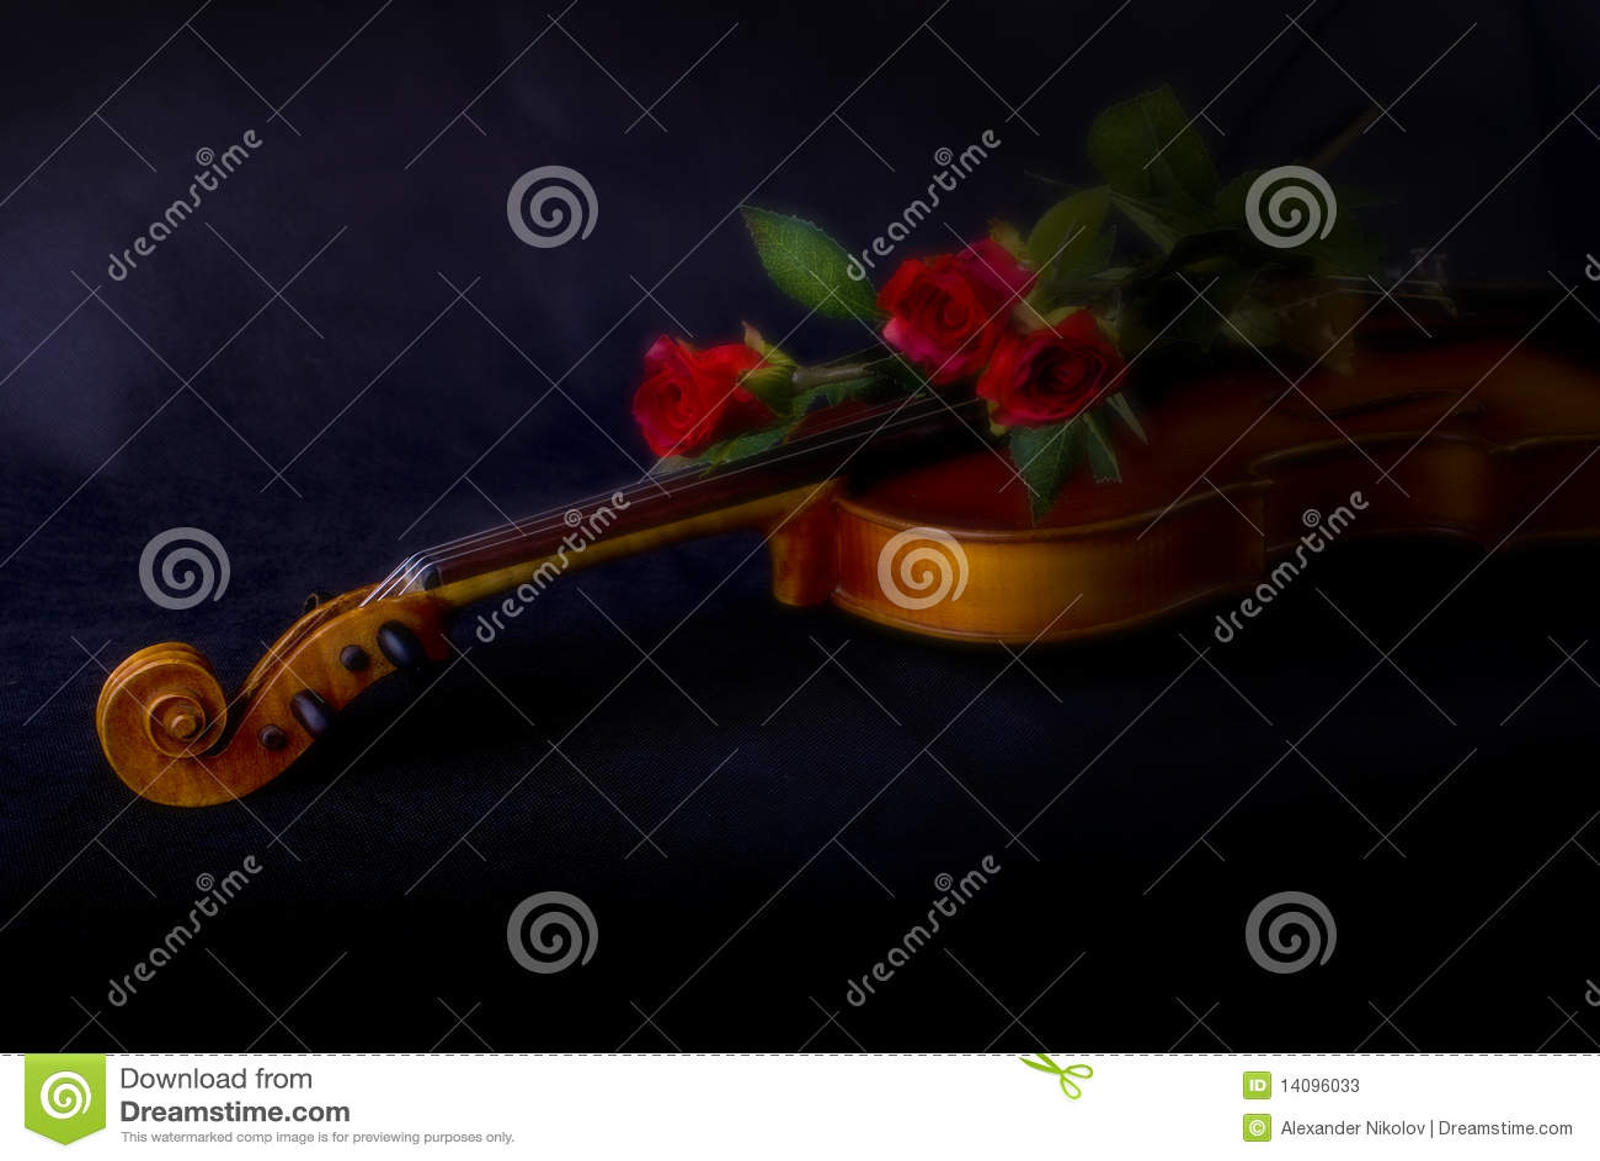 Roses Rouges Sur Le Violon Image Stock Image Du Rosa 14096033